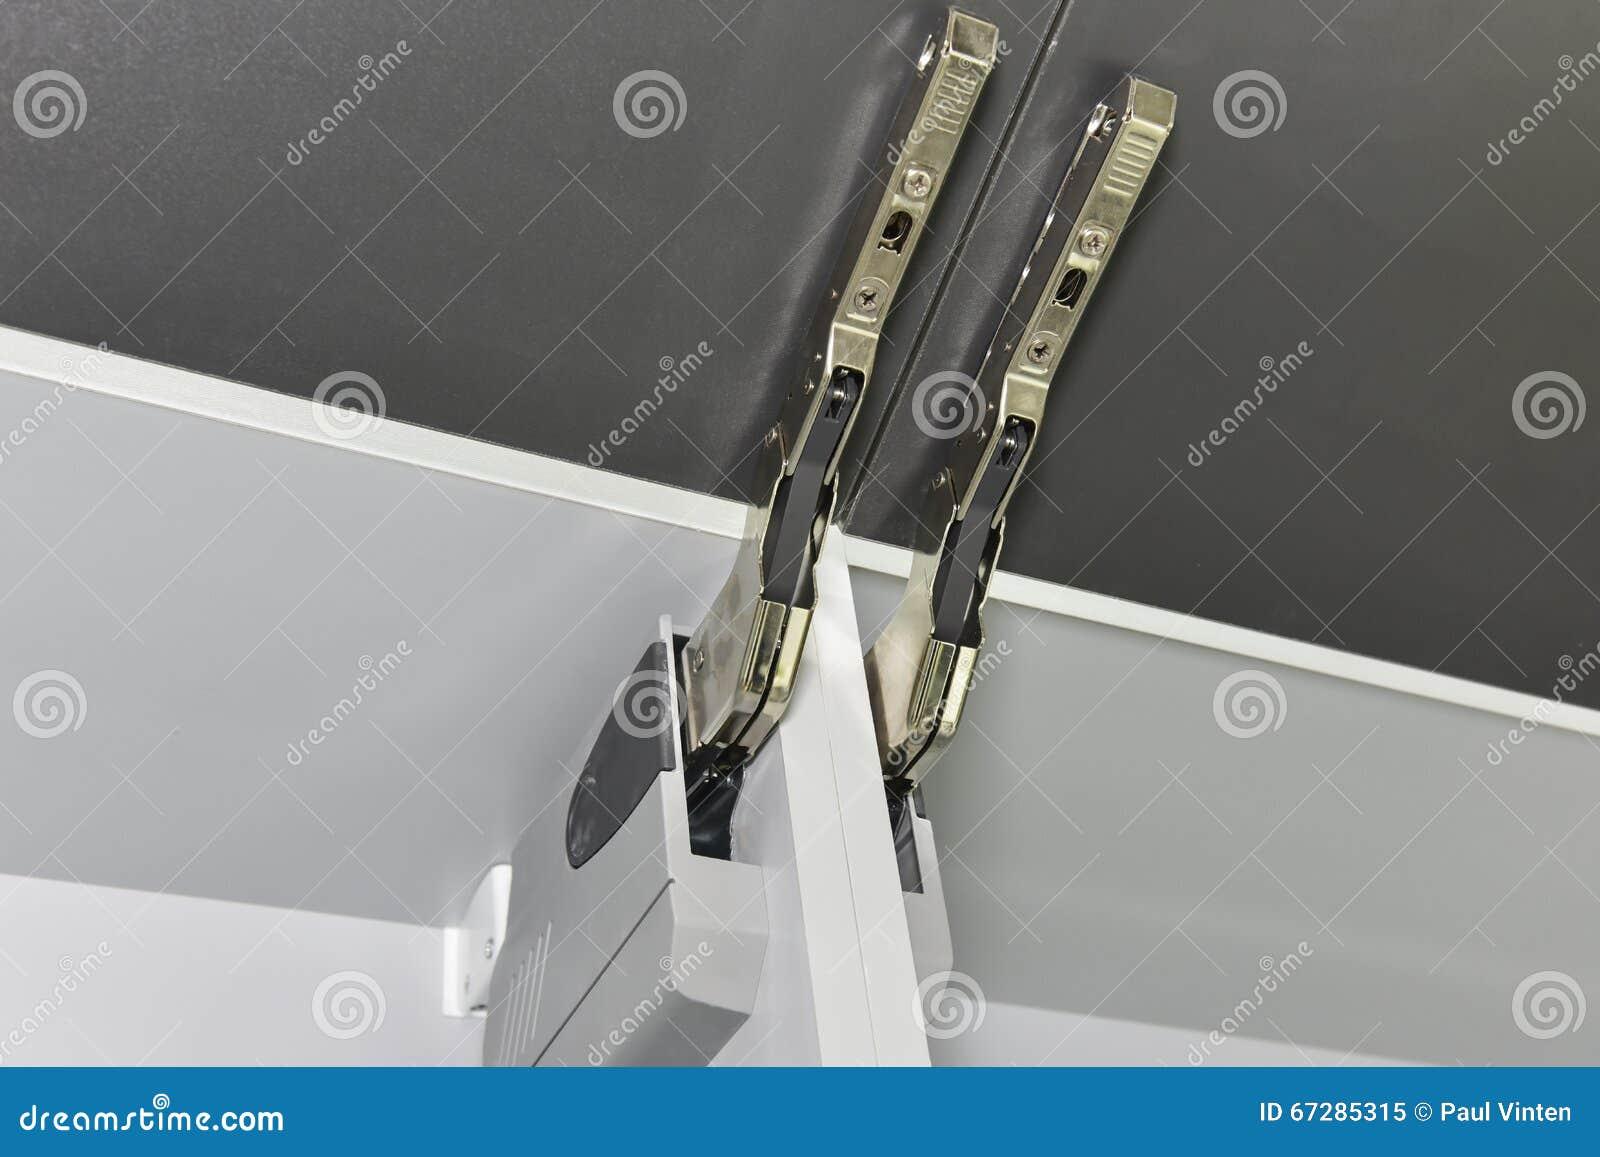 Extreem Close-updetail Van Een Scharnier Op Keukenkast Stock Afbeelding XM23